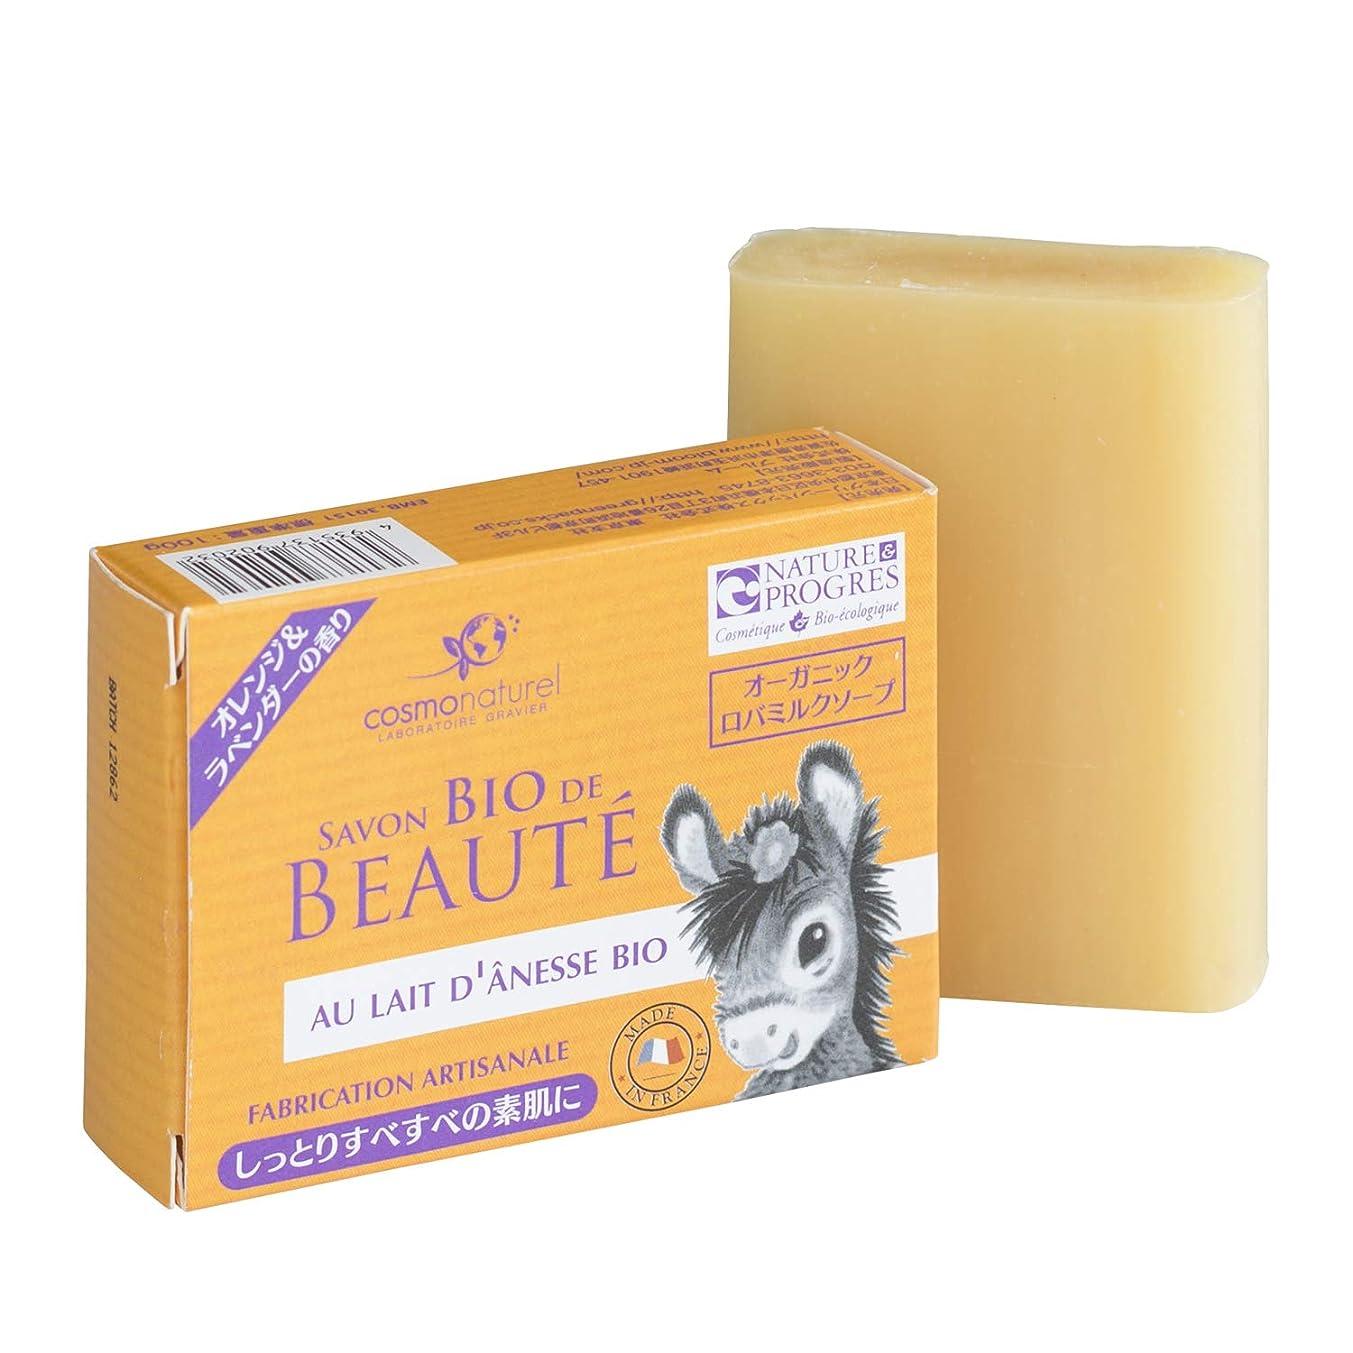 なぜ膨らませる濃度コスモナチュレル オーガニック ロバミルクソープ オレンジ&ラベンダーの香り 100g